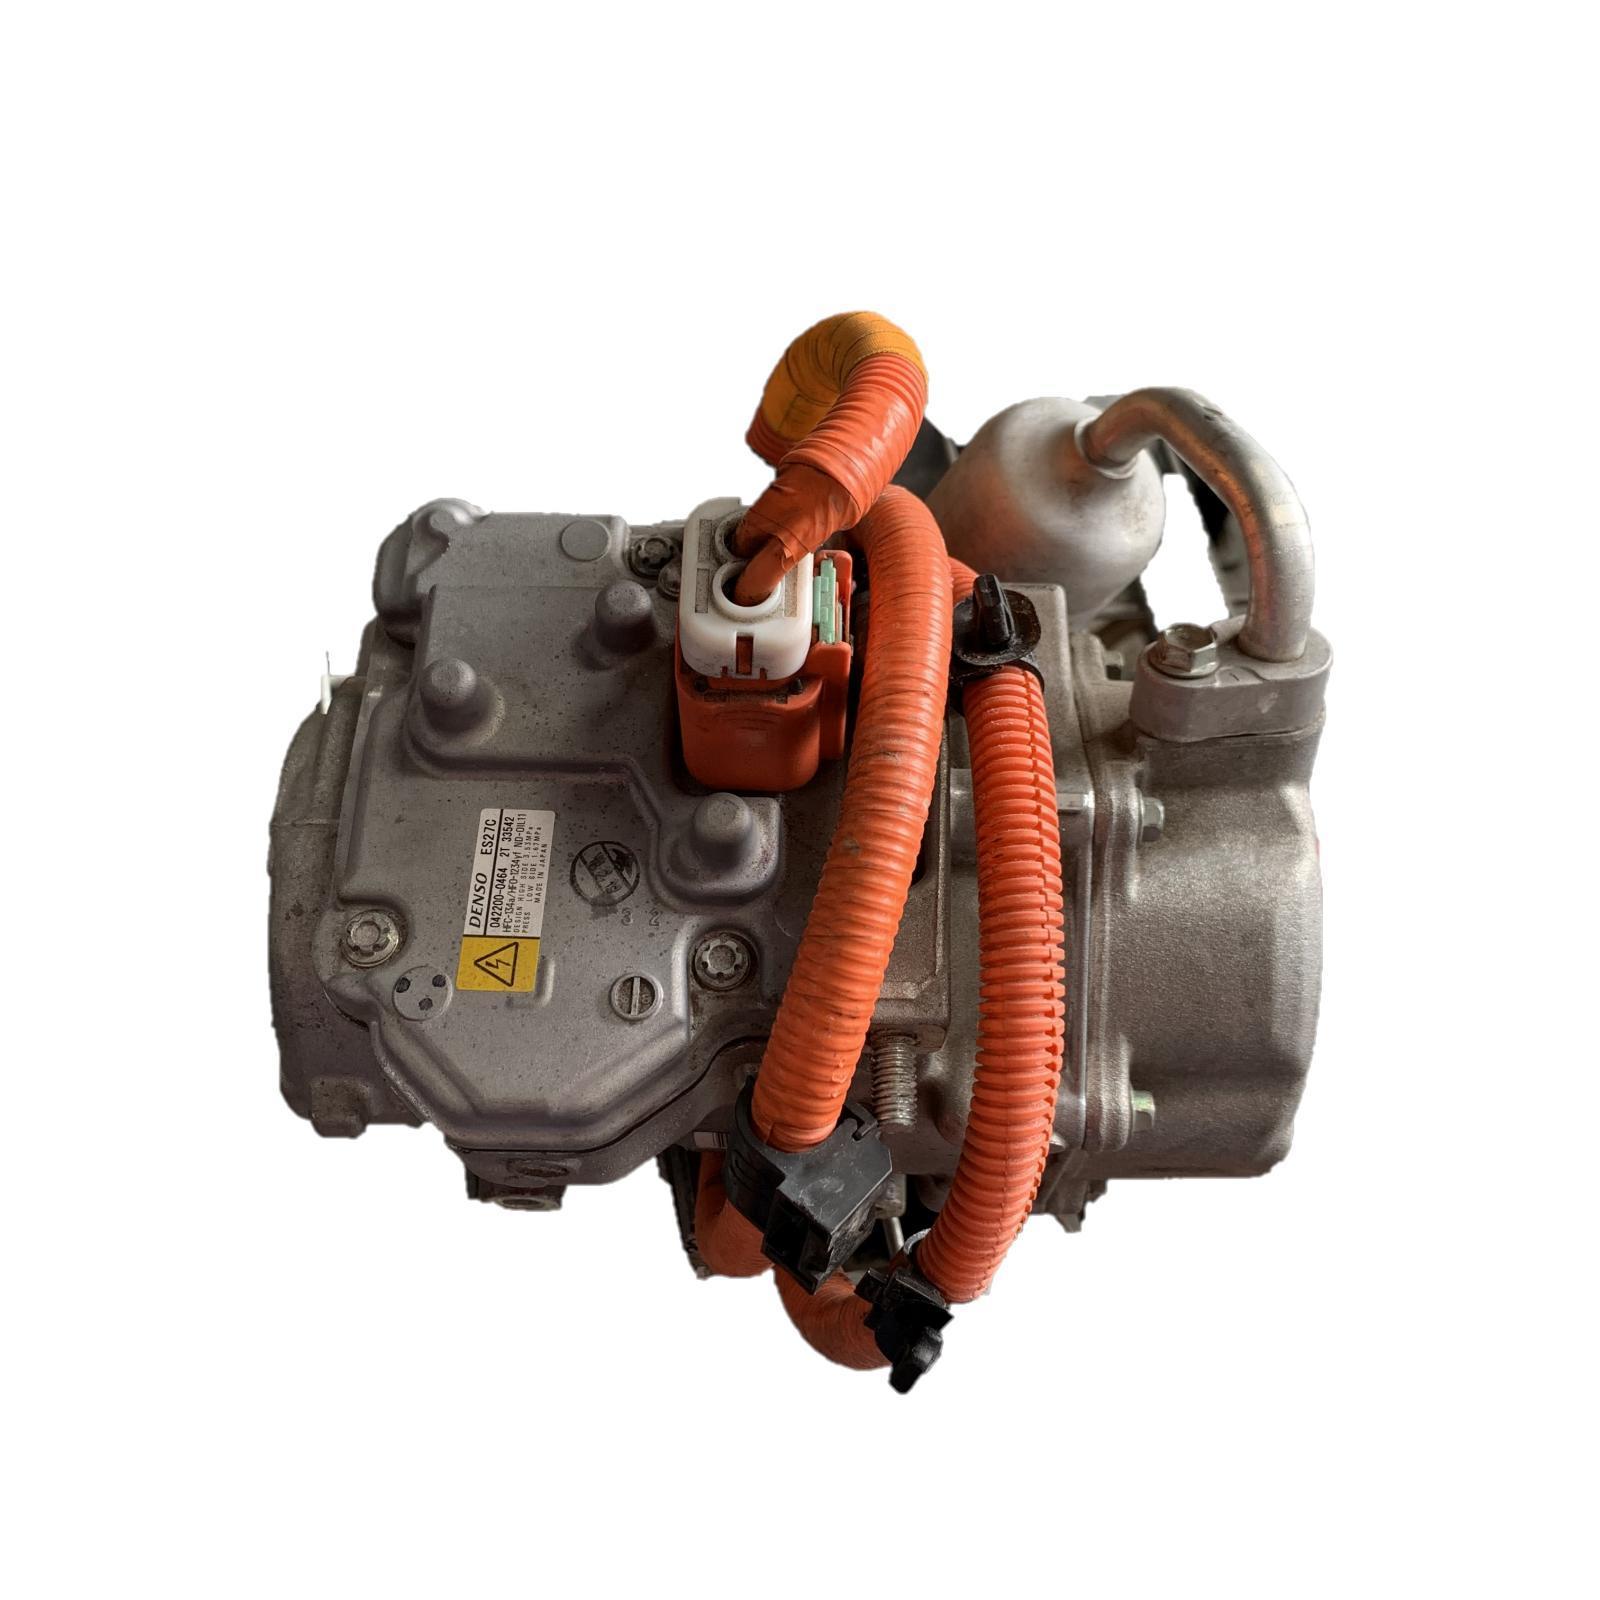 TOYOTA CAMRY, A/C Compressor, ACV50, 2.5, 2AR-FXE, HYBRID, 03/12-10/17